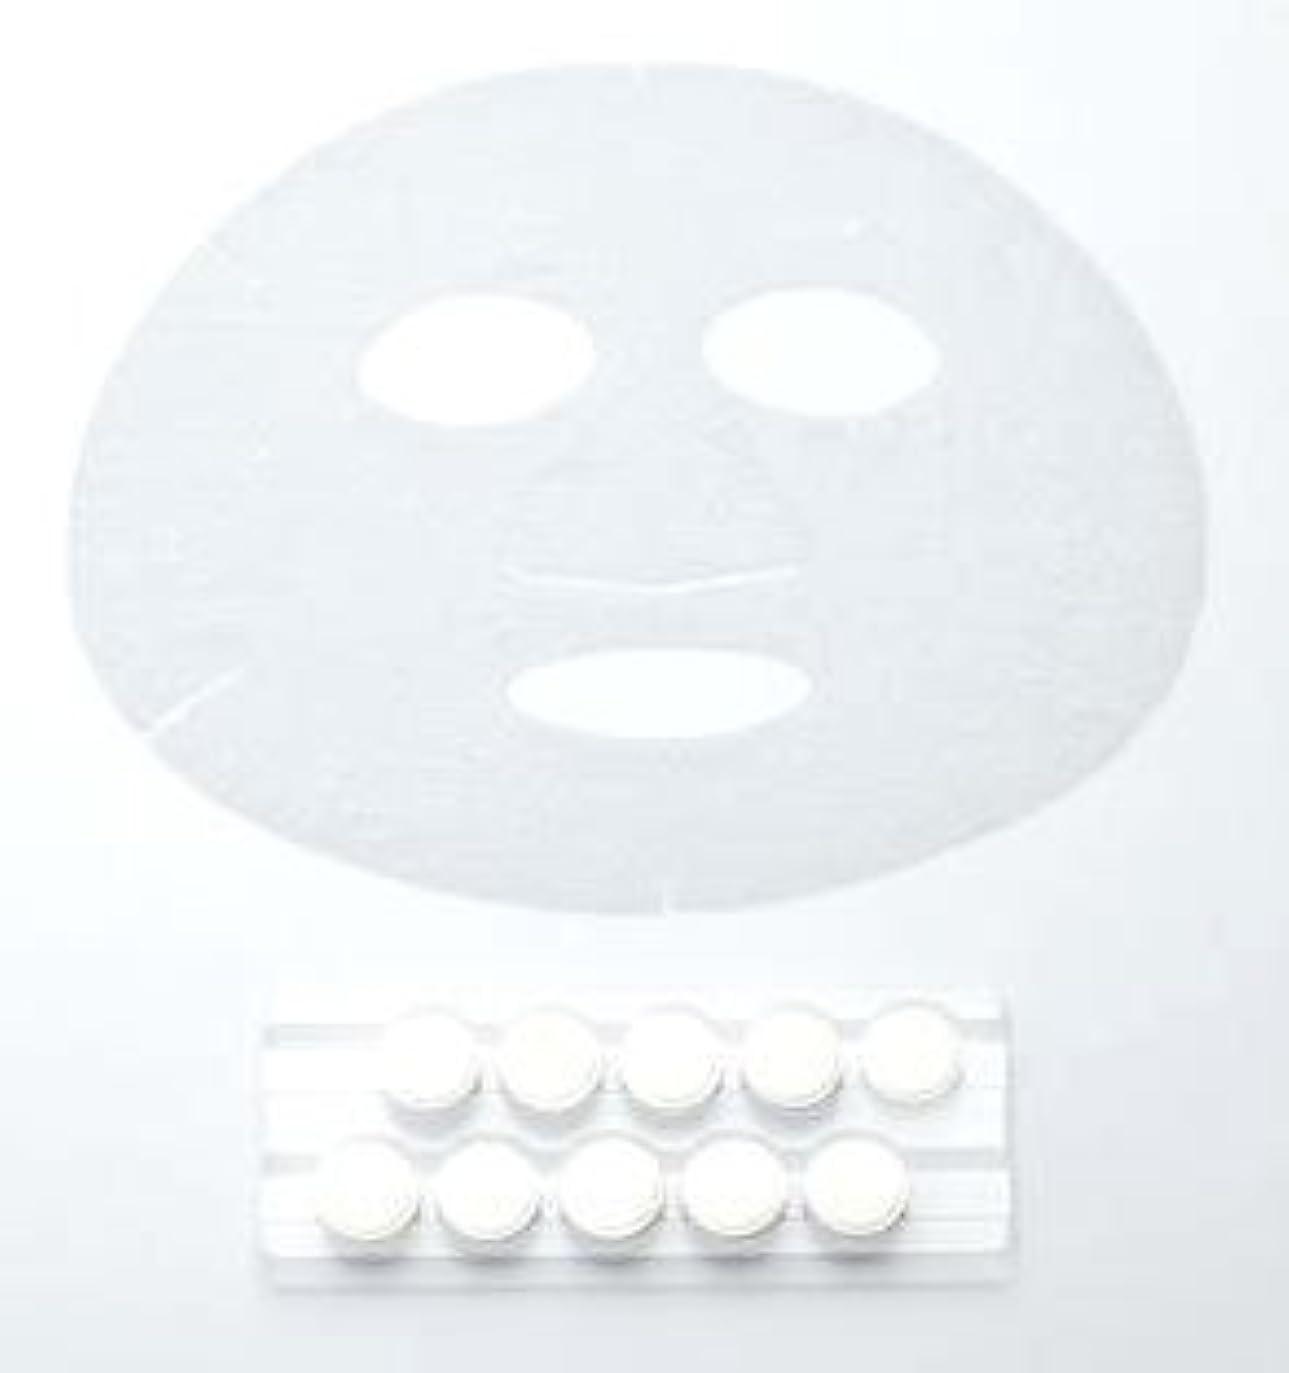 影響力のある必要とするミリメーターcelless セレス CE ローション用 フェイスマスク 10個